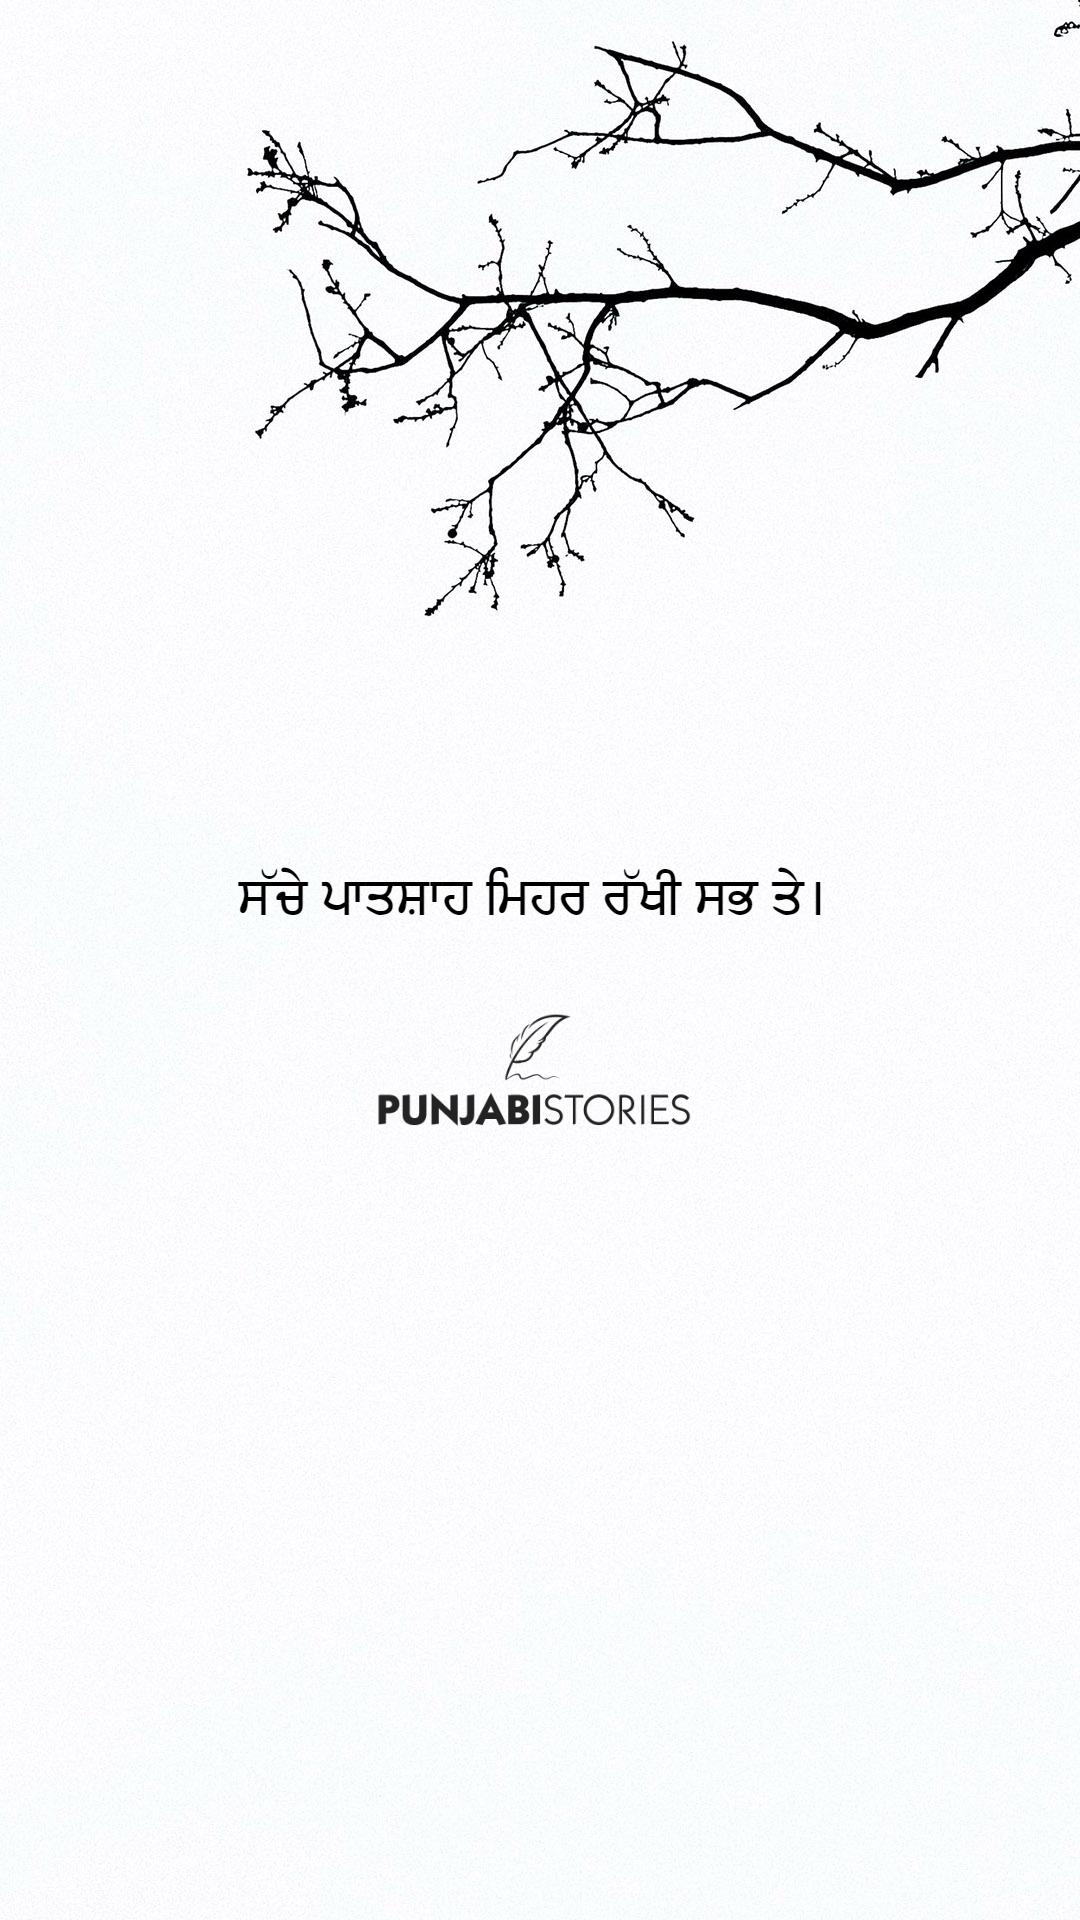 Punjabi Status 2021, waheguru status in punjabi